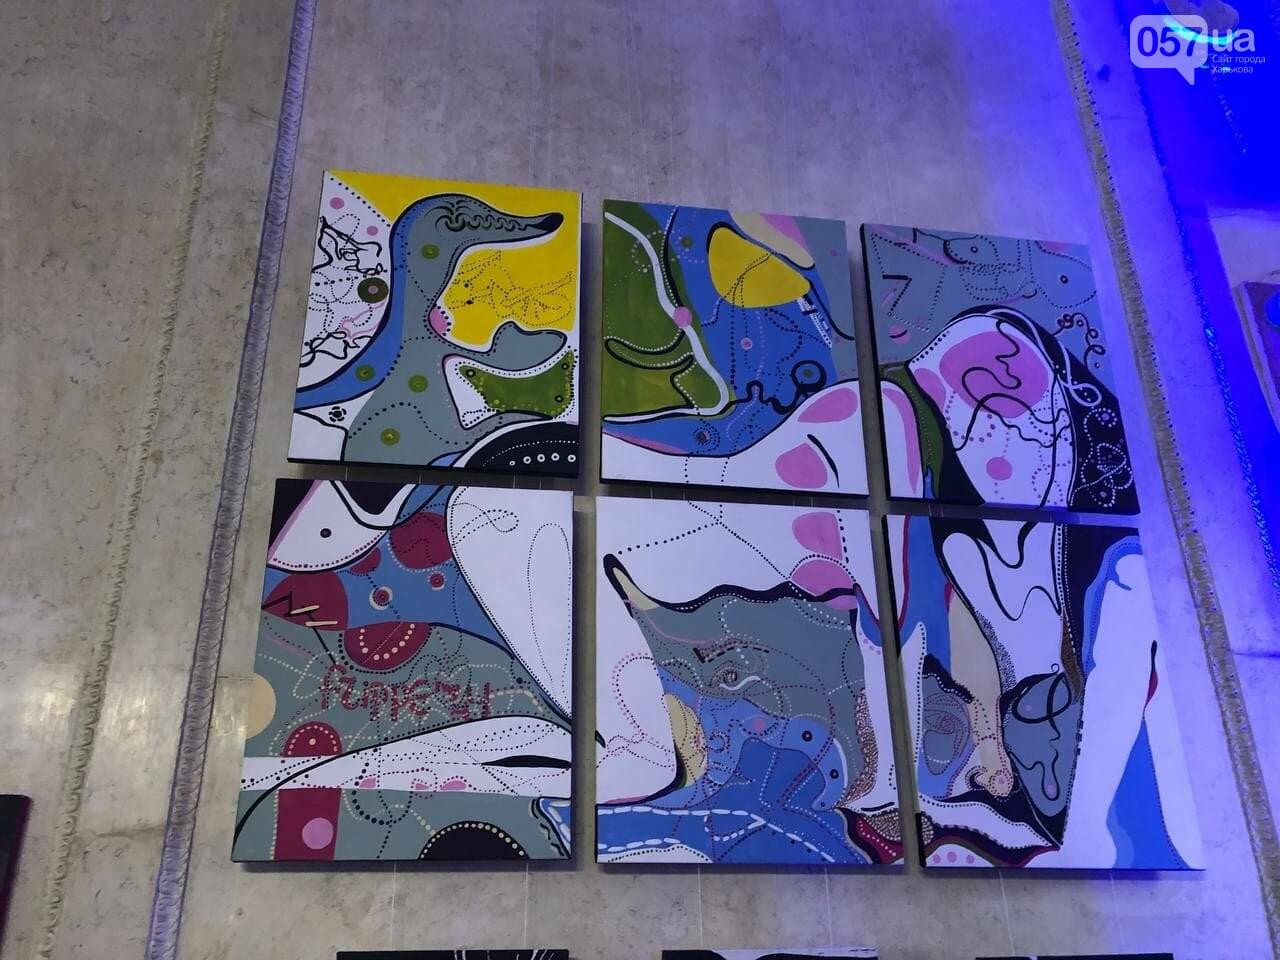 В Харькове прошла благотворительная выставка памяти молодой художницы, скончавшейся от приступа эпилепсии, - ФОТОРЕПОРТАЖ, фото-9